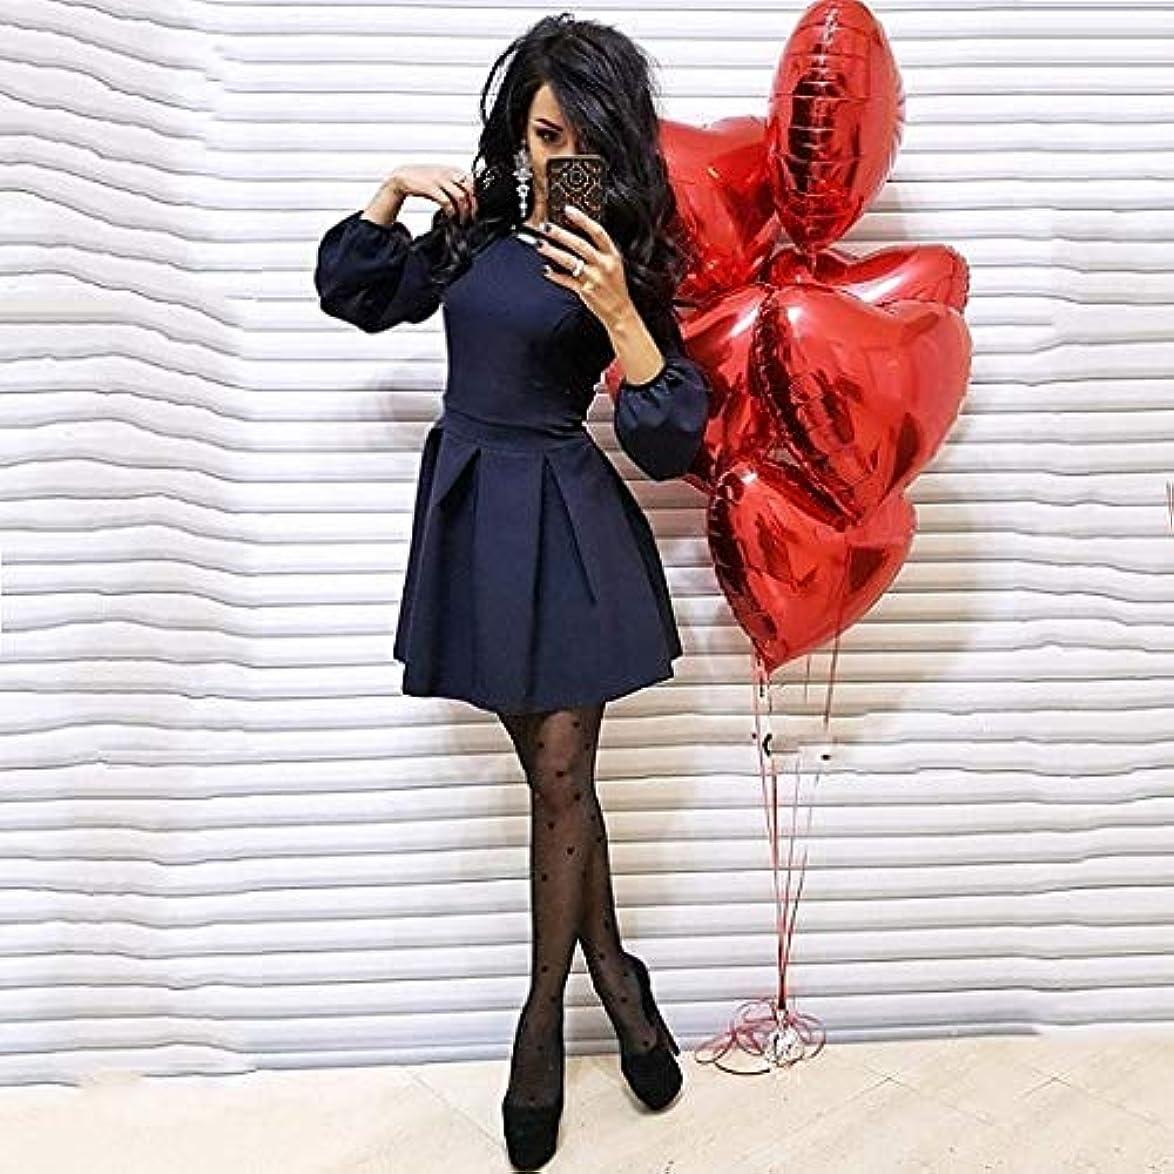 ホーン起こりやすいブラケットMaxcrestas - 秋の新エレガントな女性のドレスカジュアル長袖ドレスファッションランタンスリーブAラインミニパーティー女性Vestidos